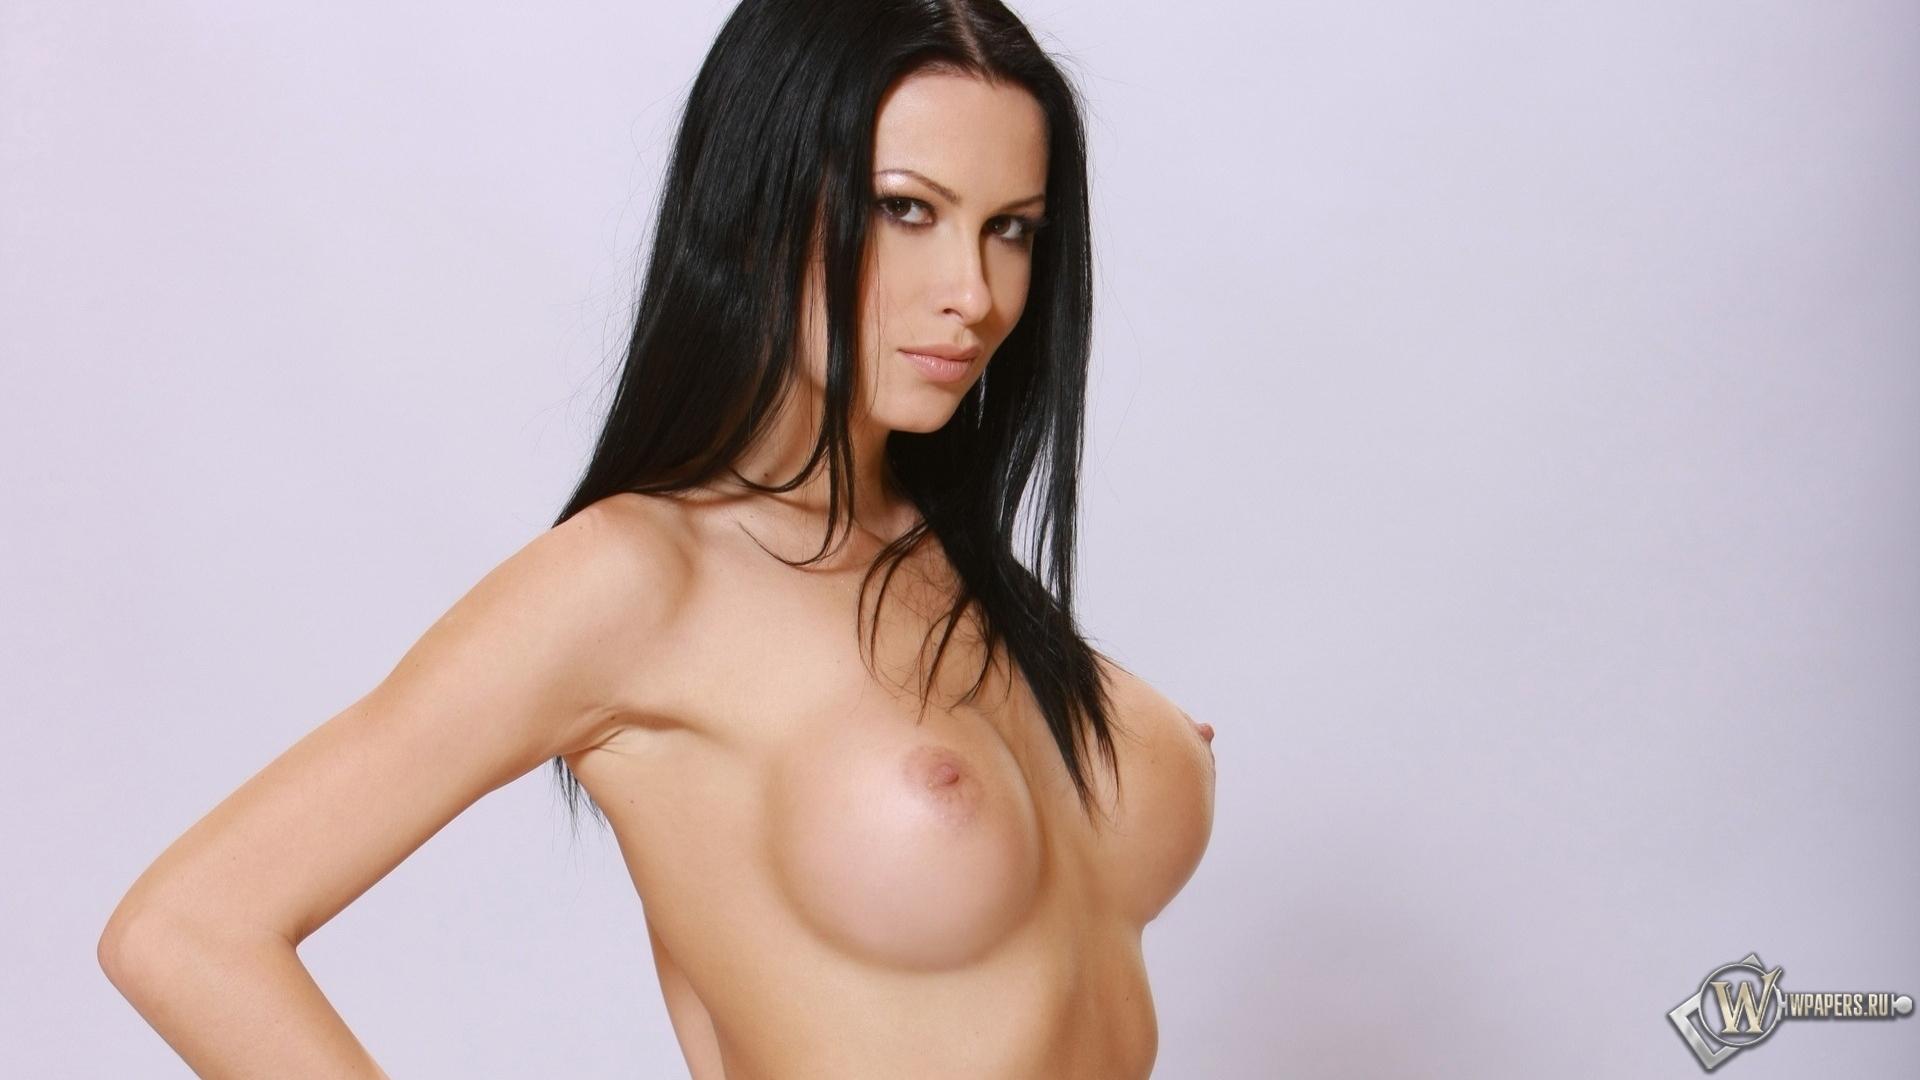 Скачать фото голой грудью фото 590-95